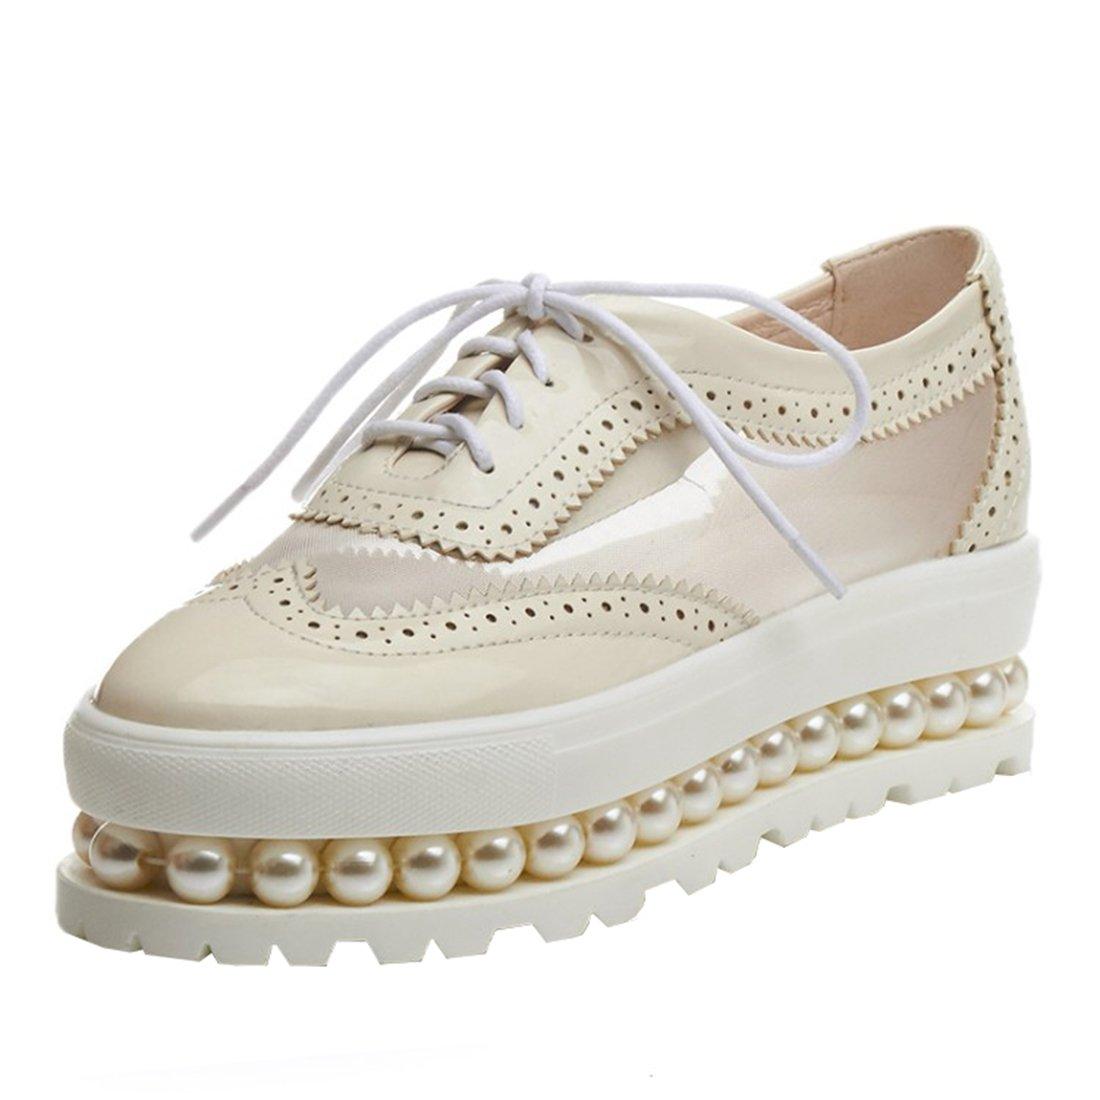 UH Damen Vintage Flach Geschlossen Plateau Pumps mit Schnuuml;rung und Perlen 5cm Absatz Freizeit Schuhe38 EU|Beige